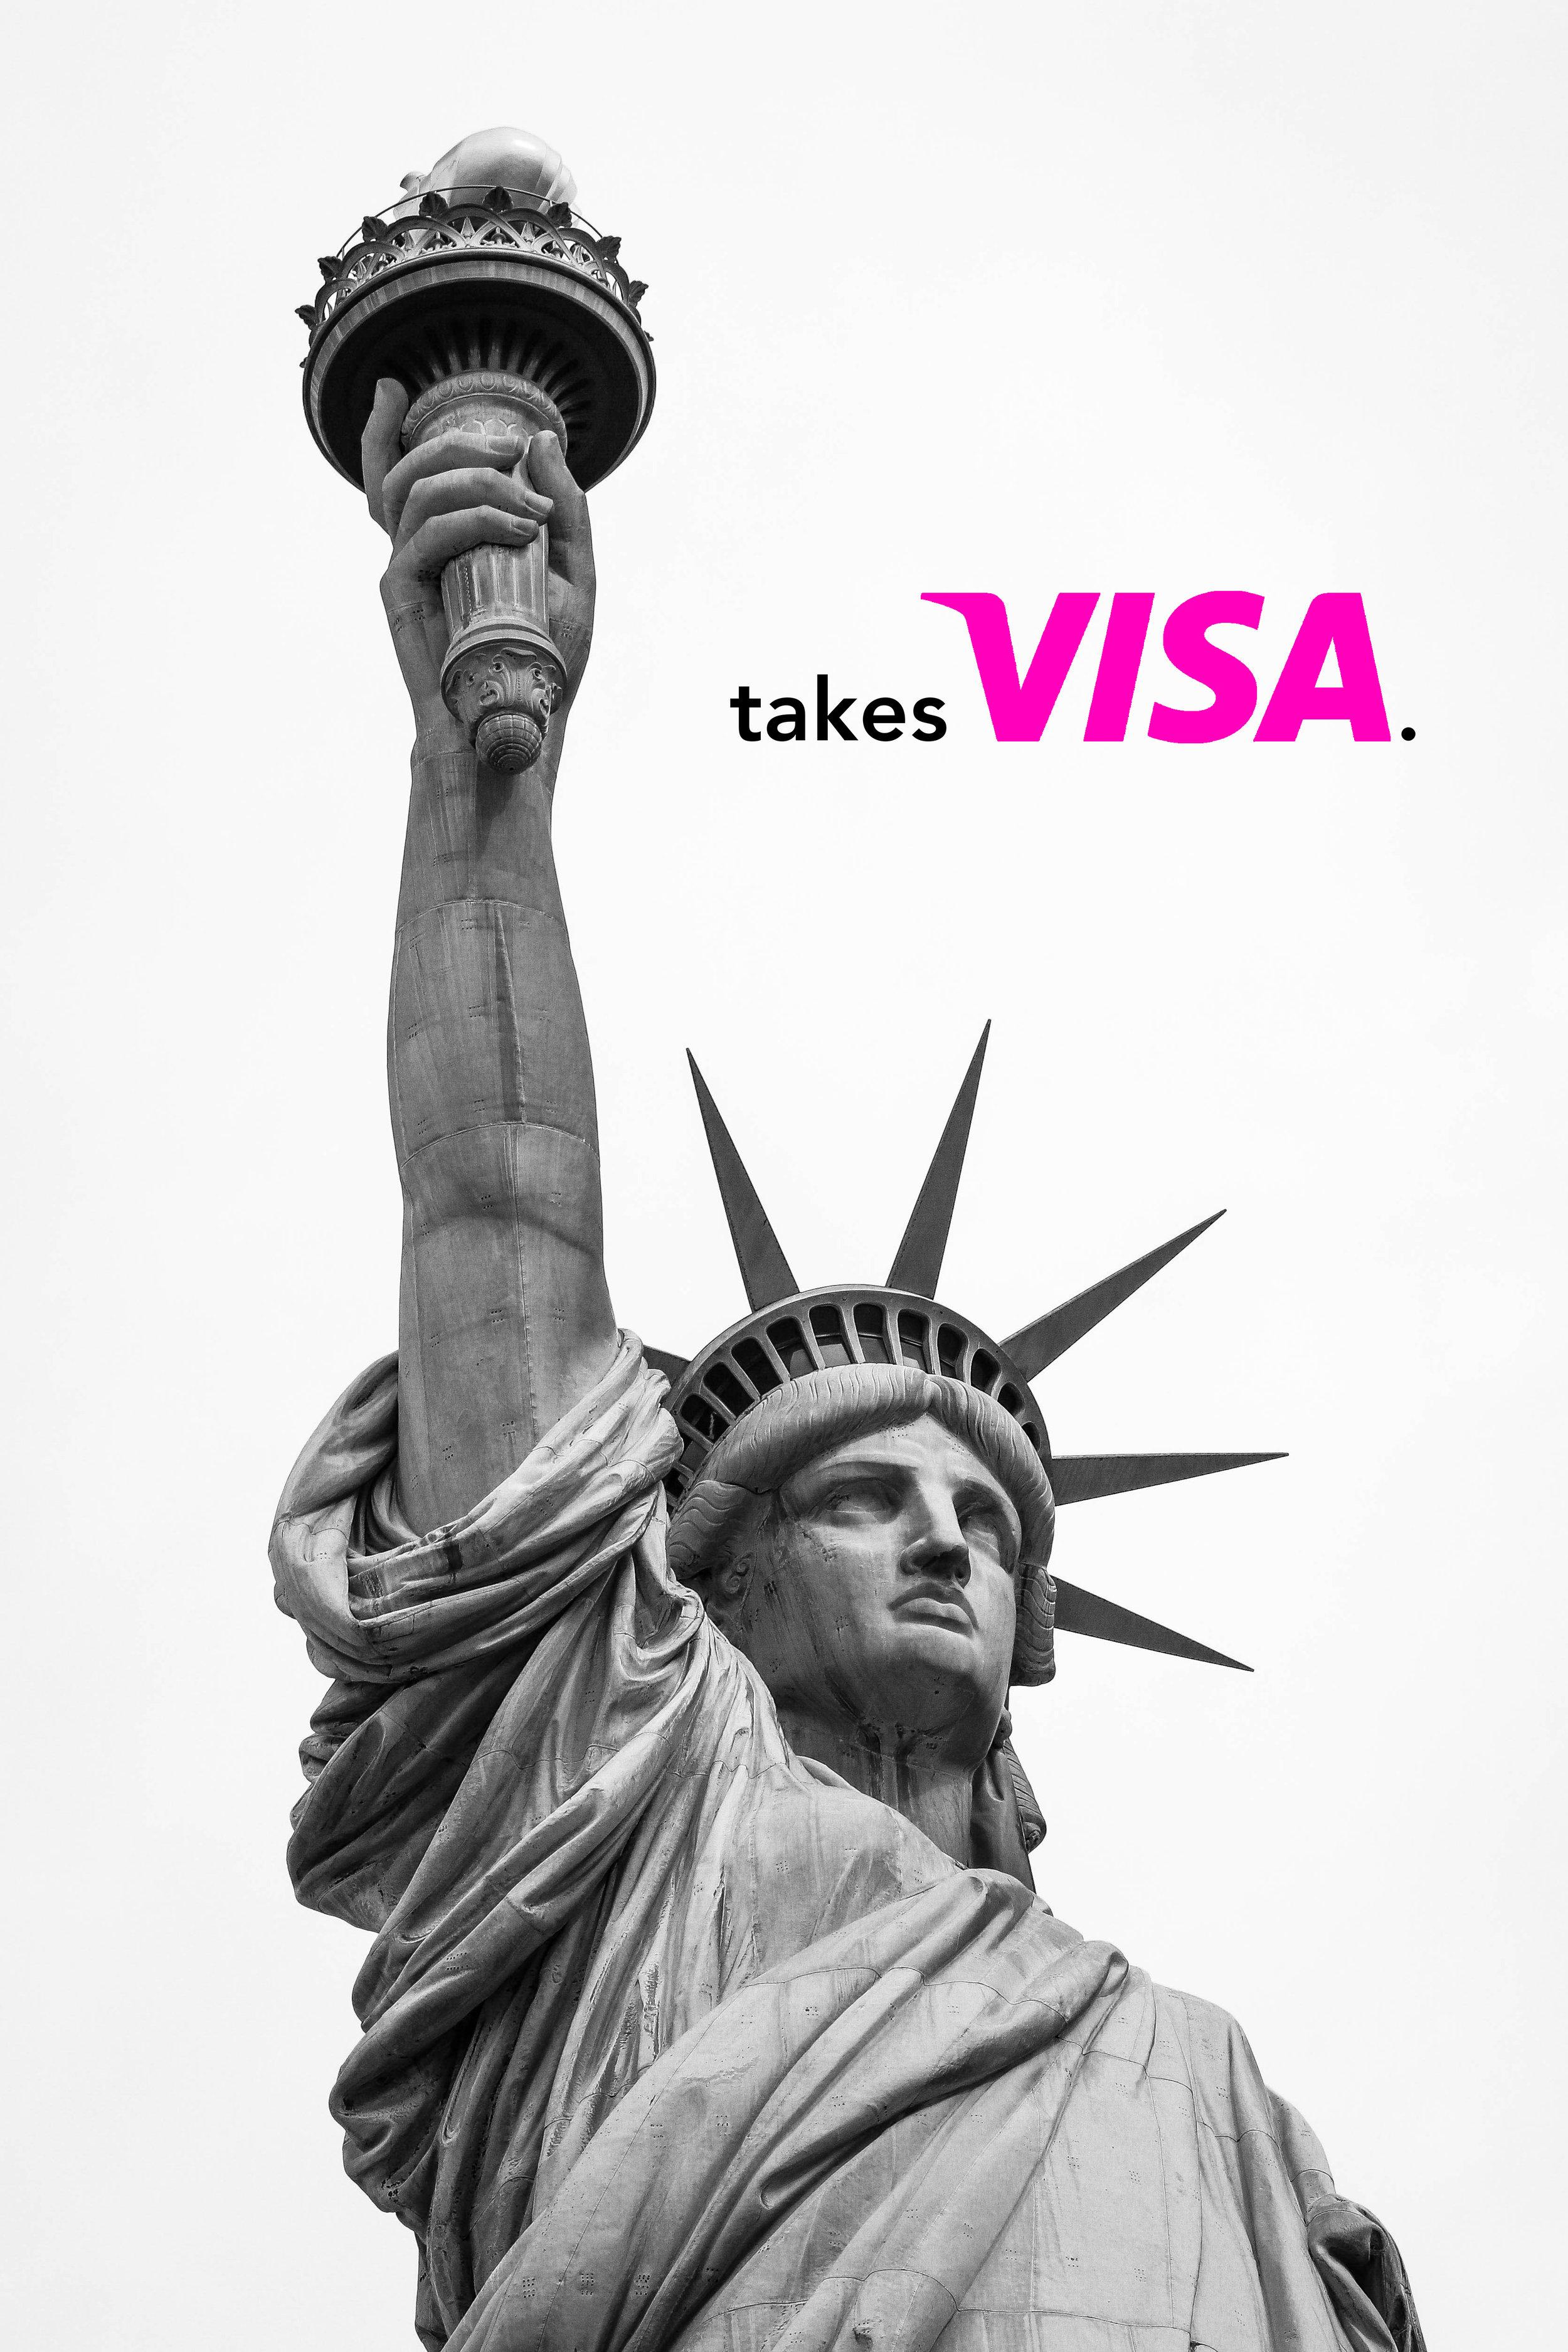 mel blanchard gong ad campaign takes_visa_statue.jpg